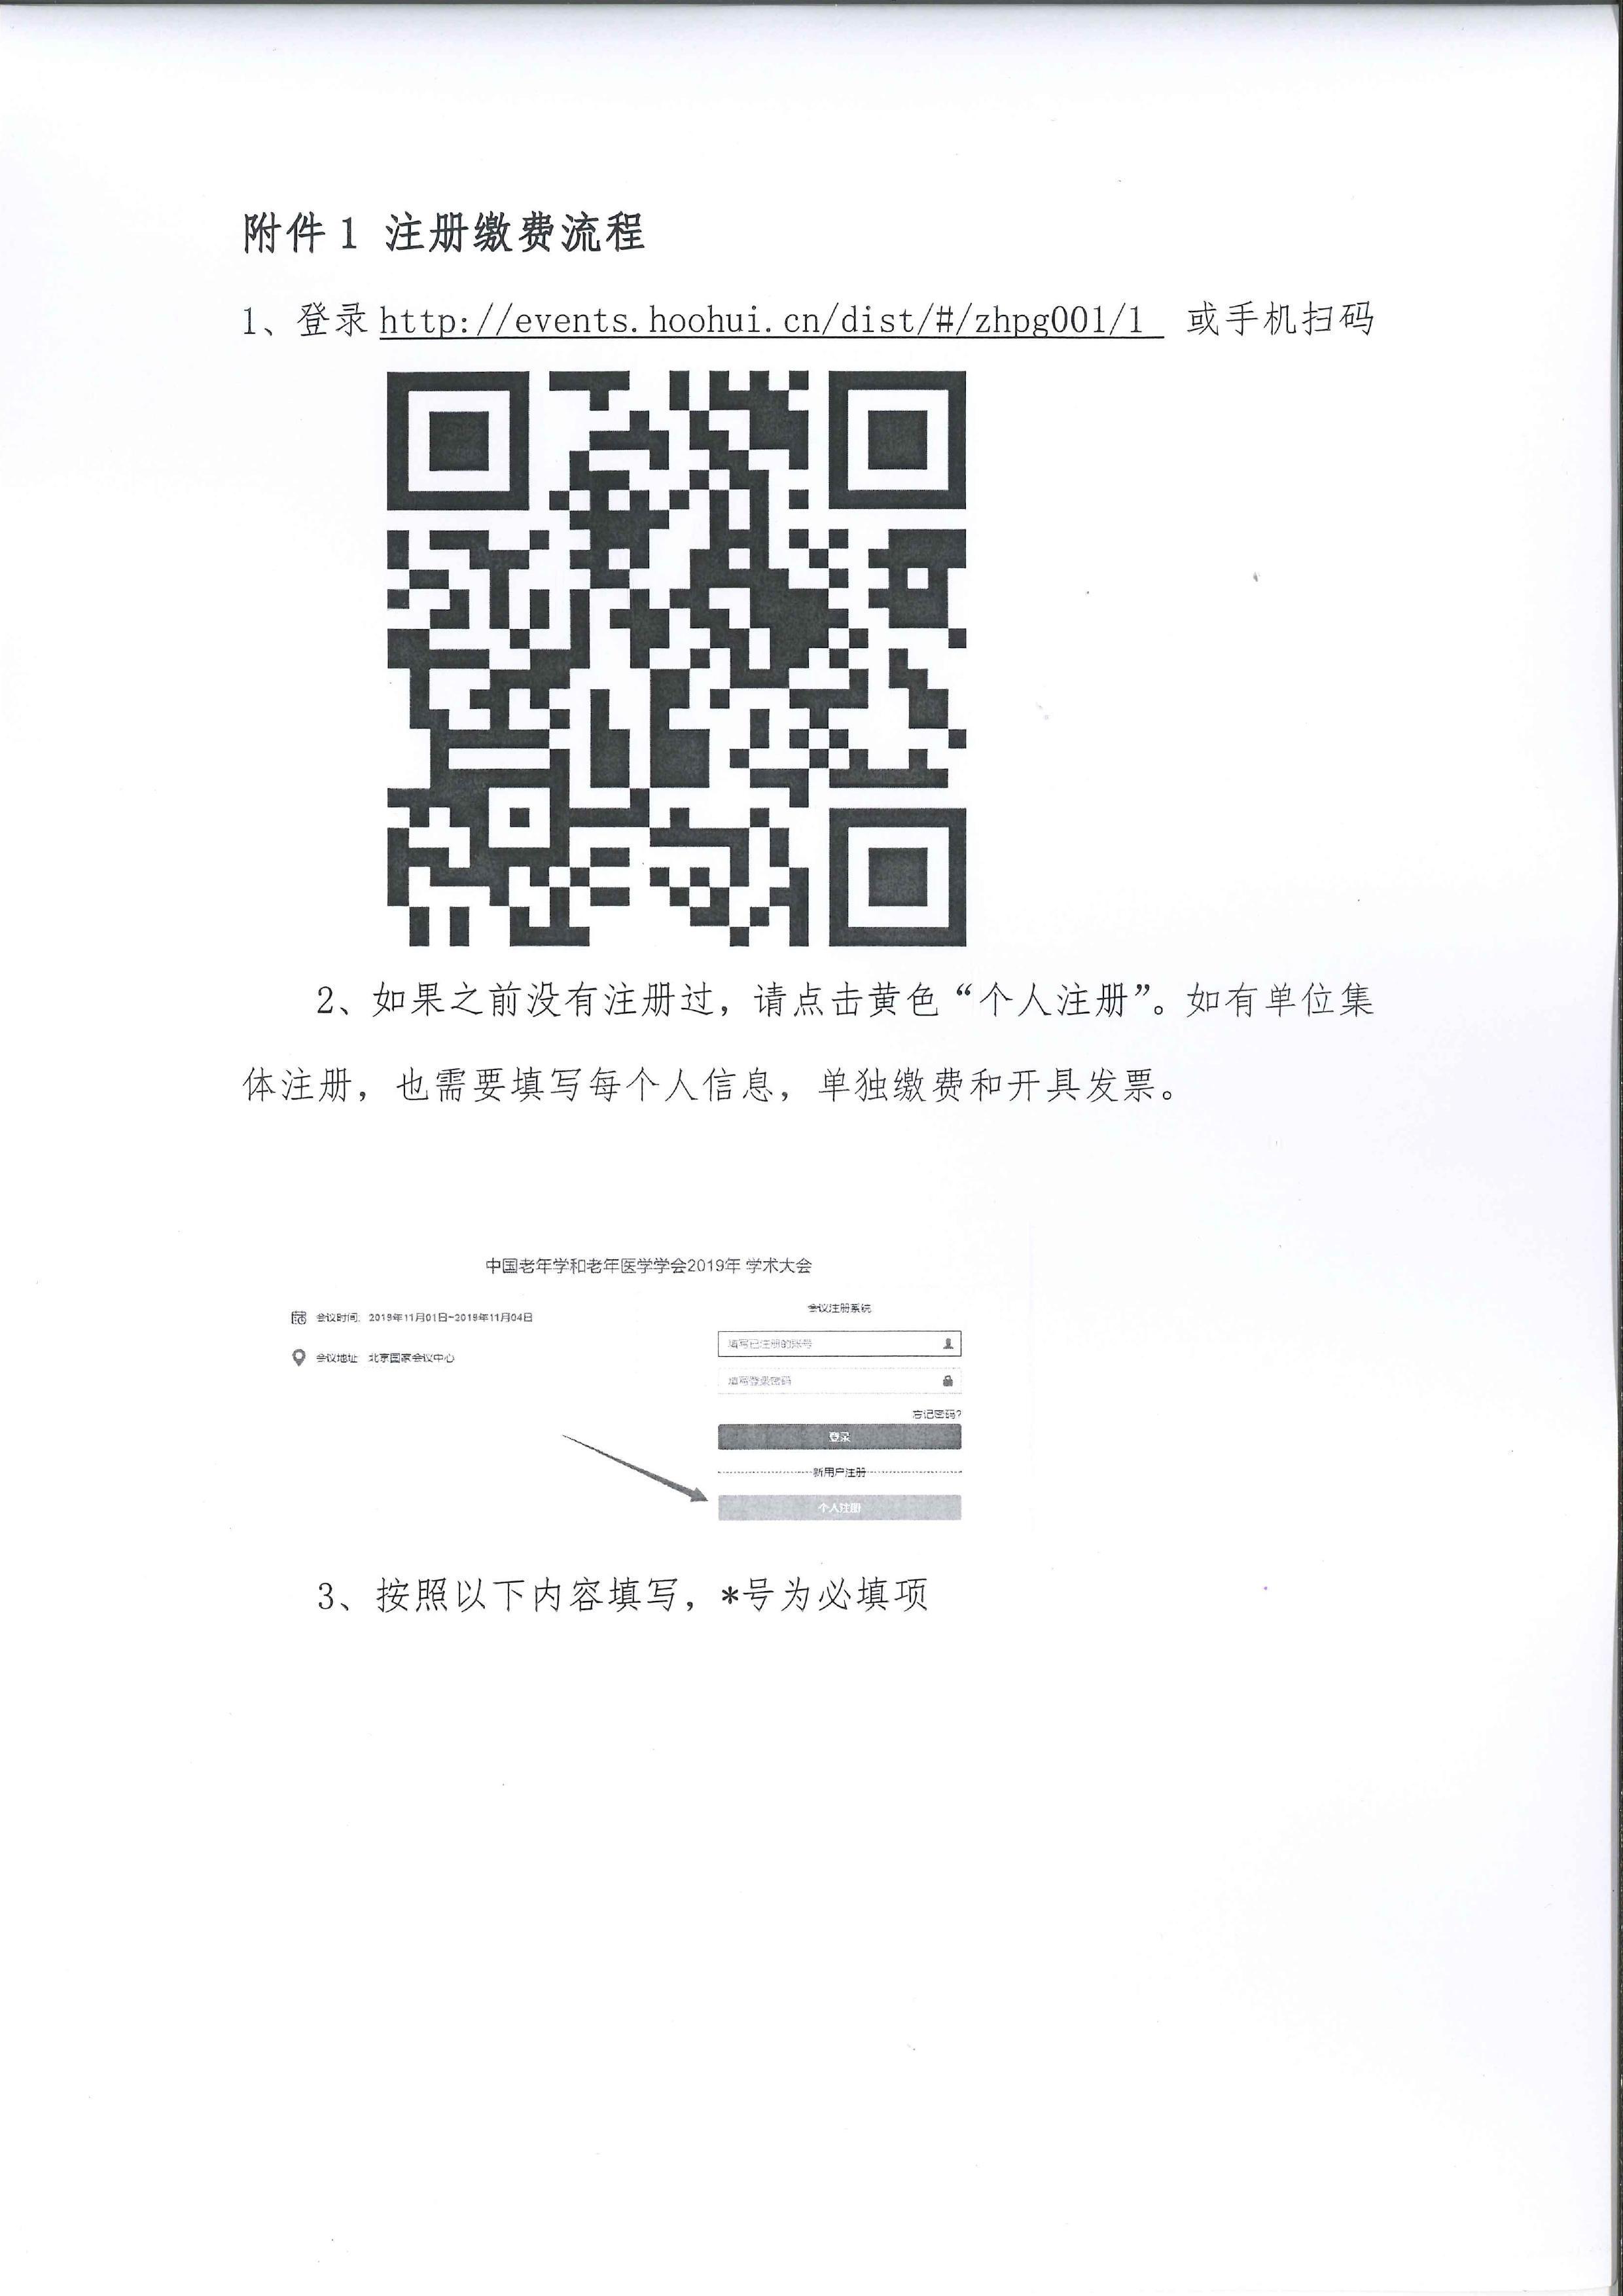 首期老年综合评估(CGA)技术应用培训班通知-3.jpg